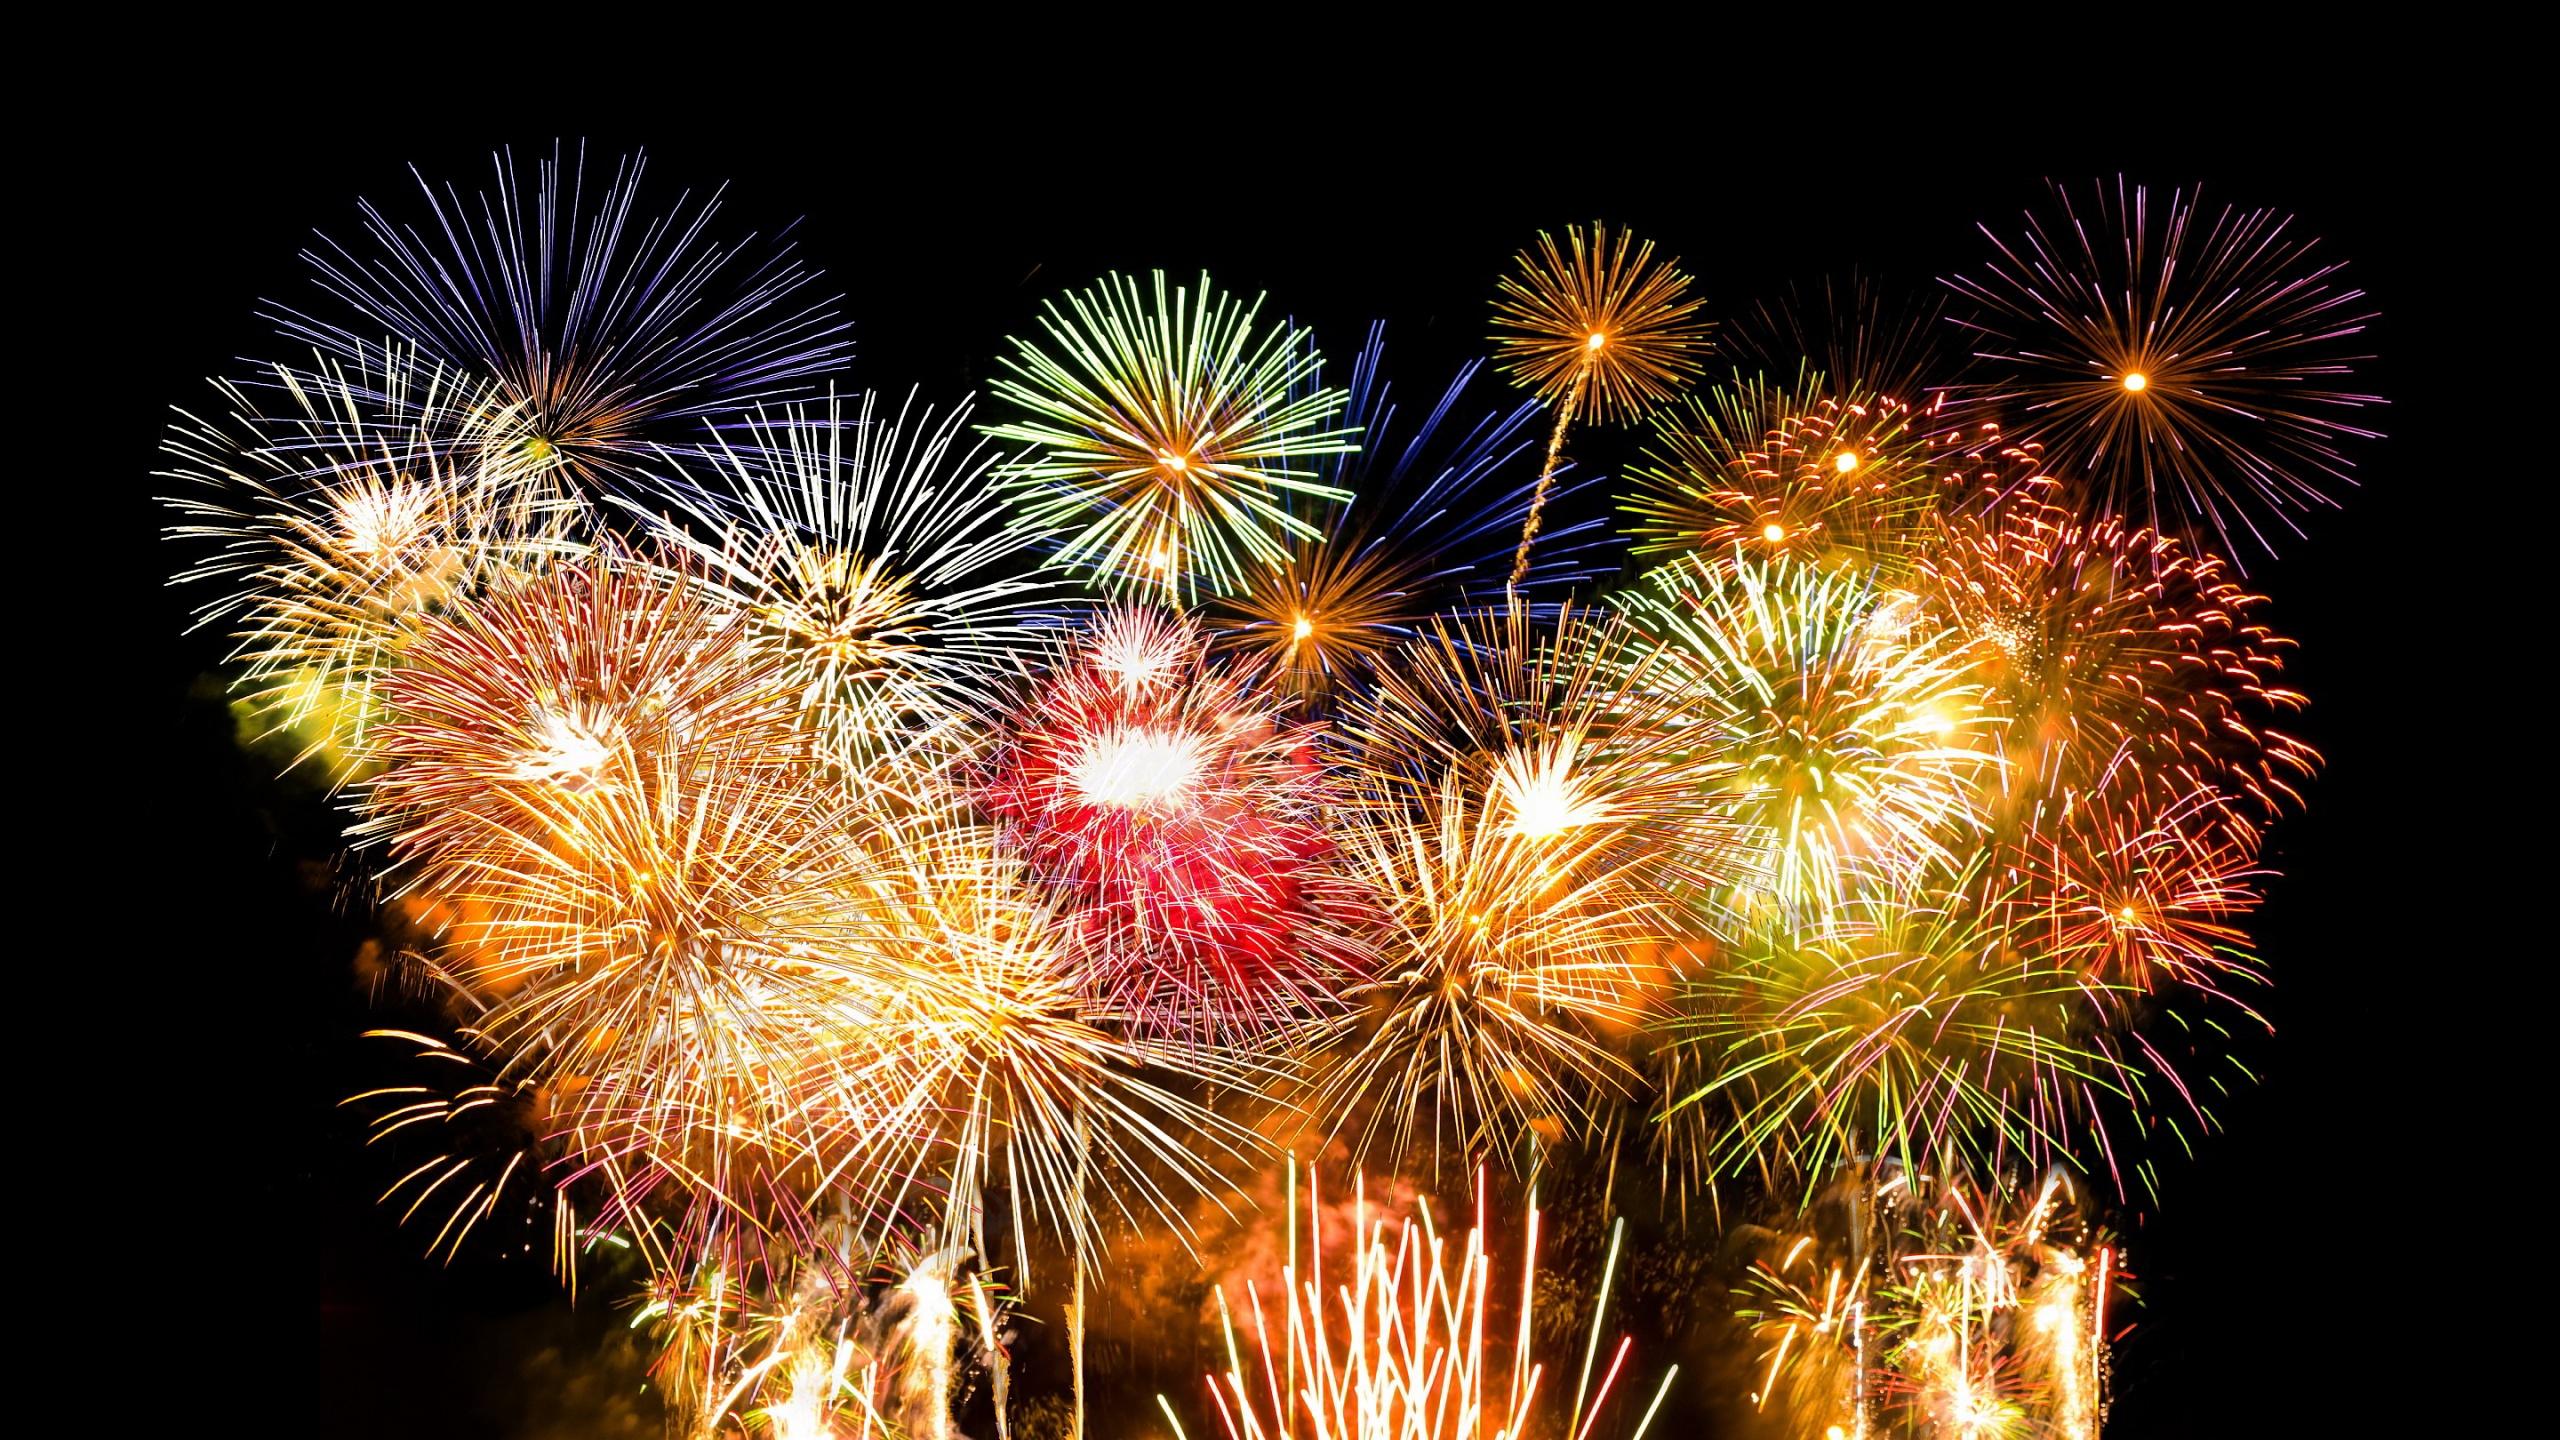 Fireworks on Black Backgrounds